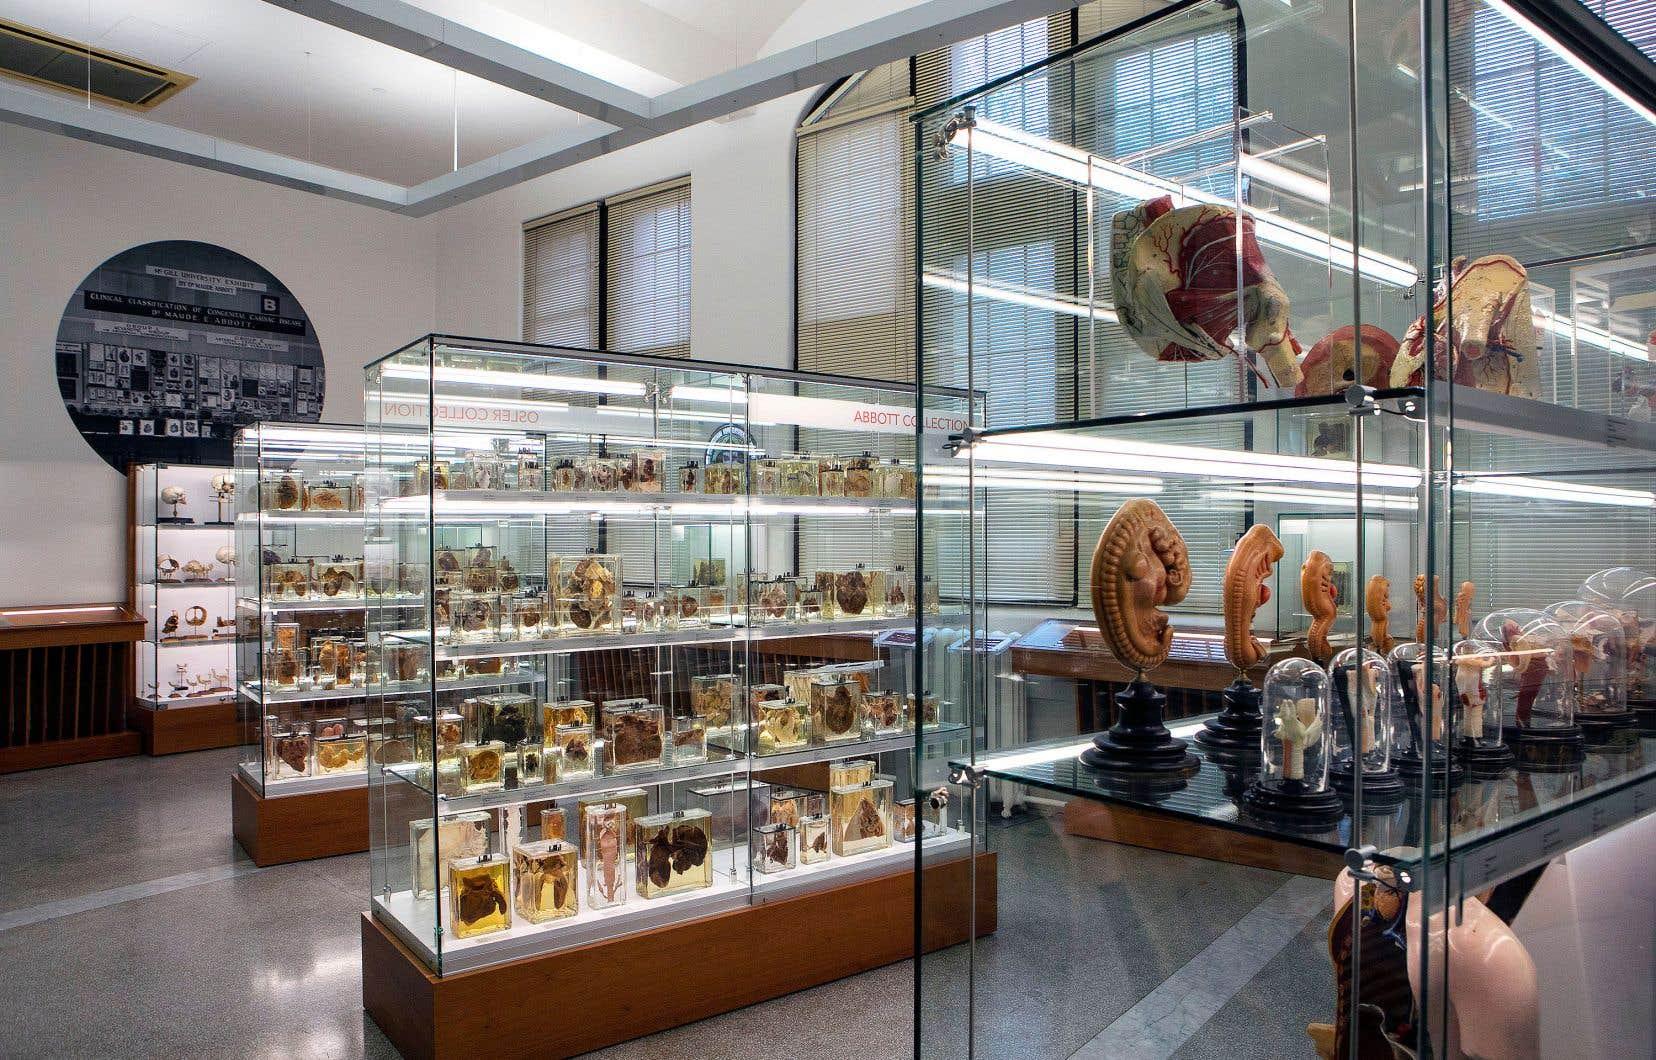 Le musée de l'Université McGill, vieux de 200ans, compte quelque 1800 objets, dont 250 à 300 sont exposés au public, mais aussi aux étudiants à des fins d'apprentissage.